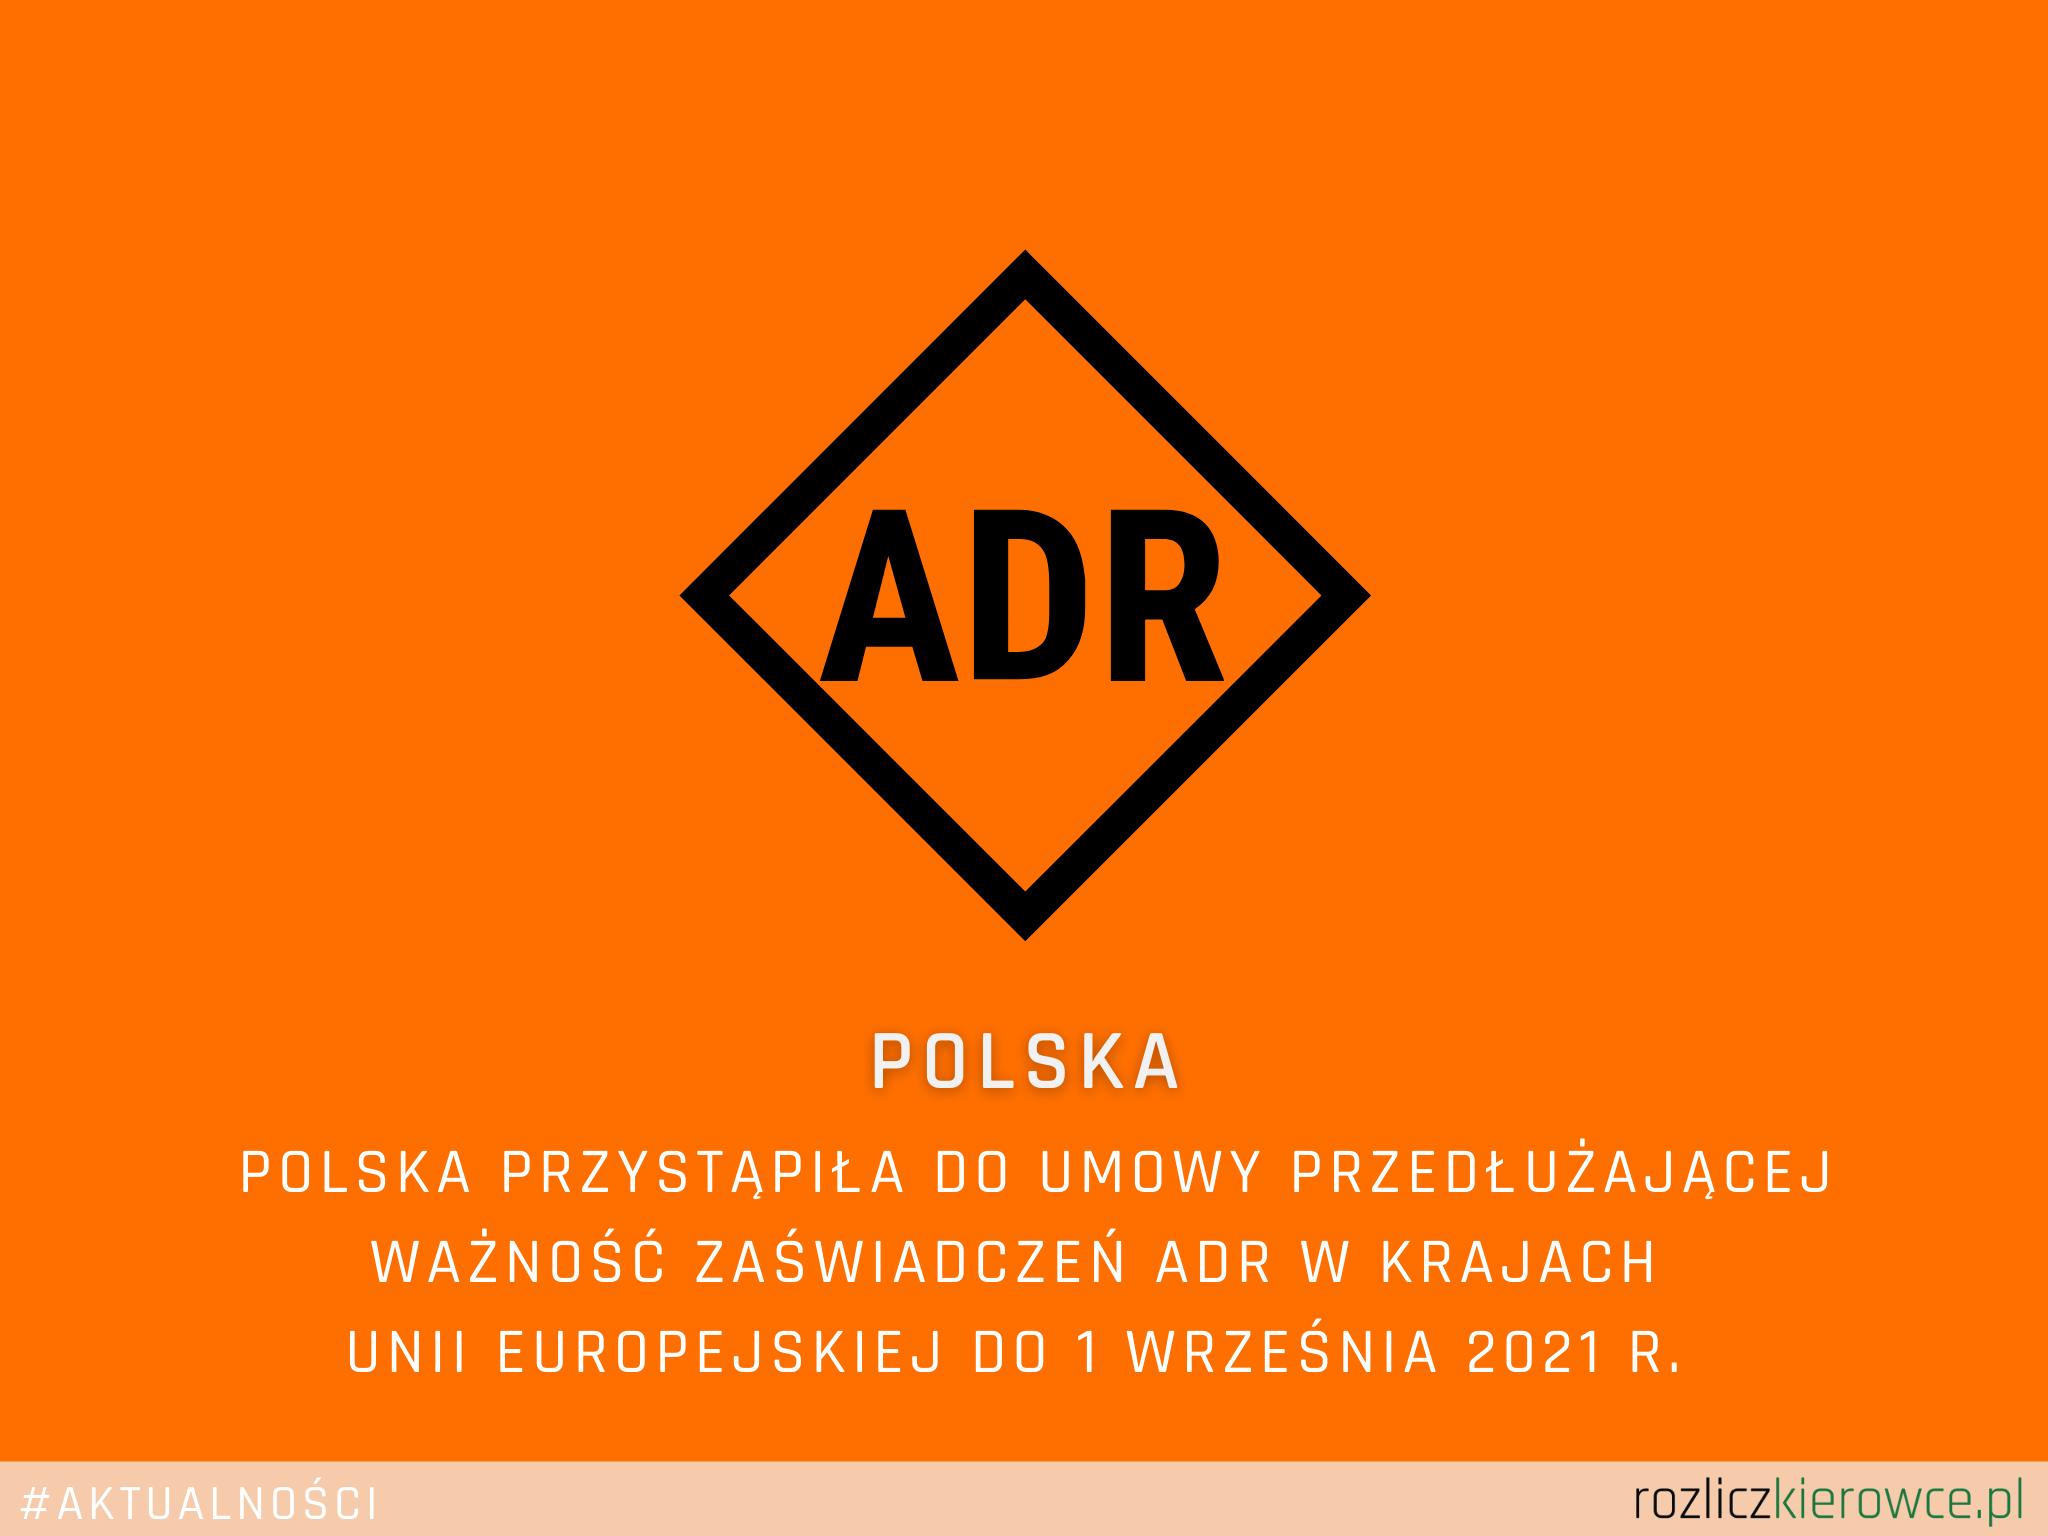 Polska przystąpiła do umowy przedłużającej ważność zaświadczeń adr w krajach unii europejskiej do 1 września 2021 r.